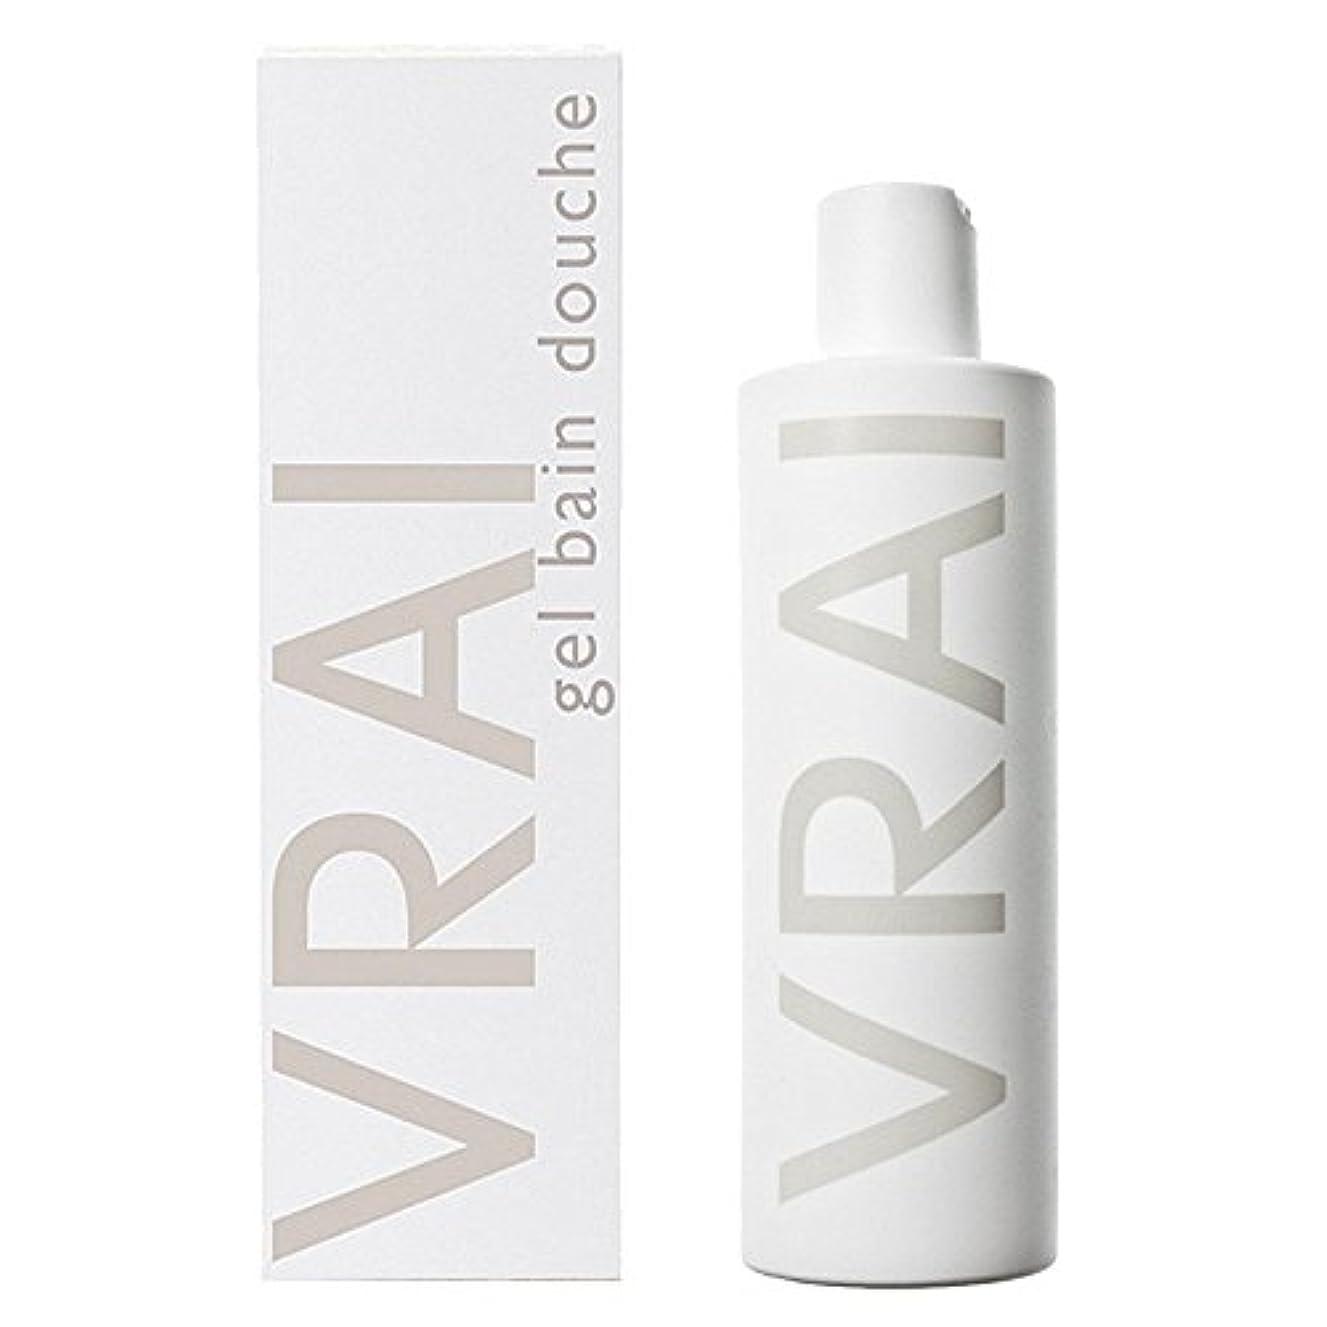 応用六月ミットFragonard VRAI (フラゴナール ブライ) 8.3 oz (250ml) Bath & Shower Gel